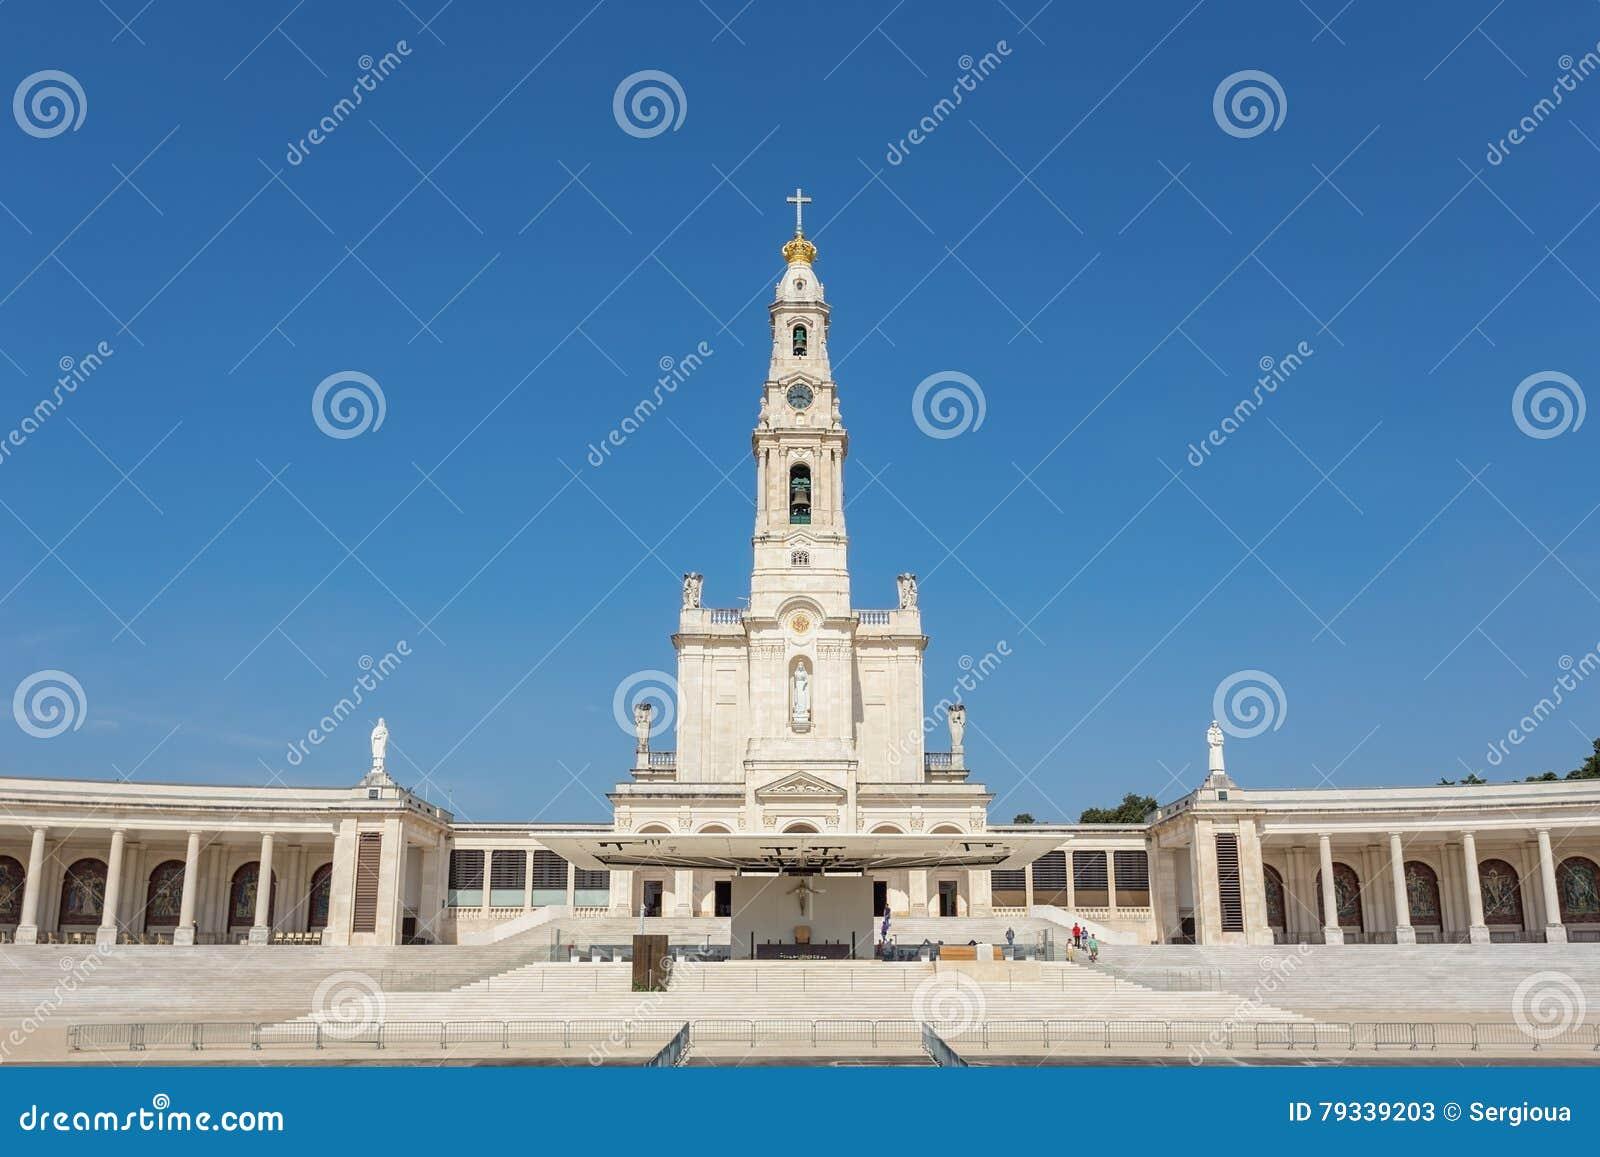 Igreja do santuário em Fatima Portugal